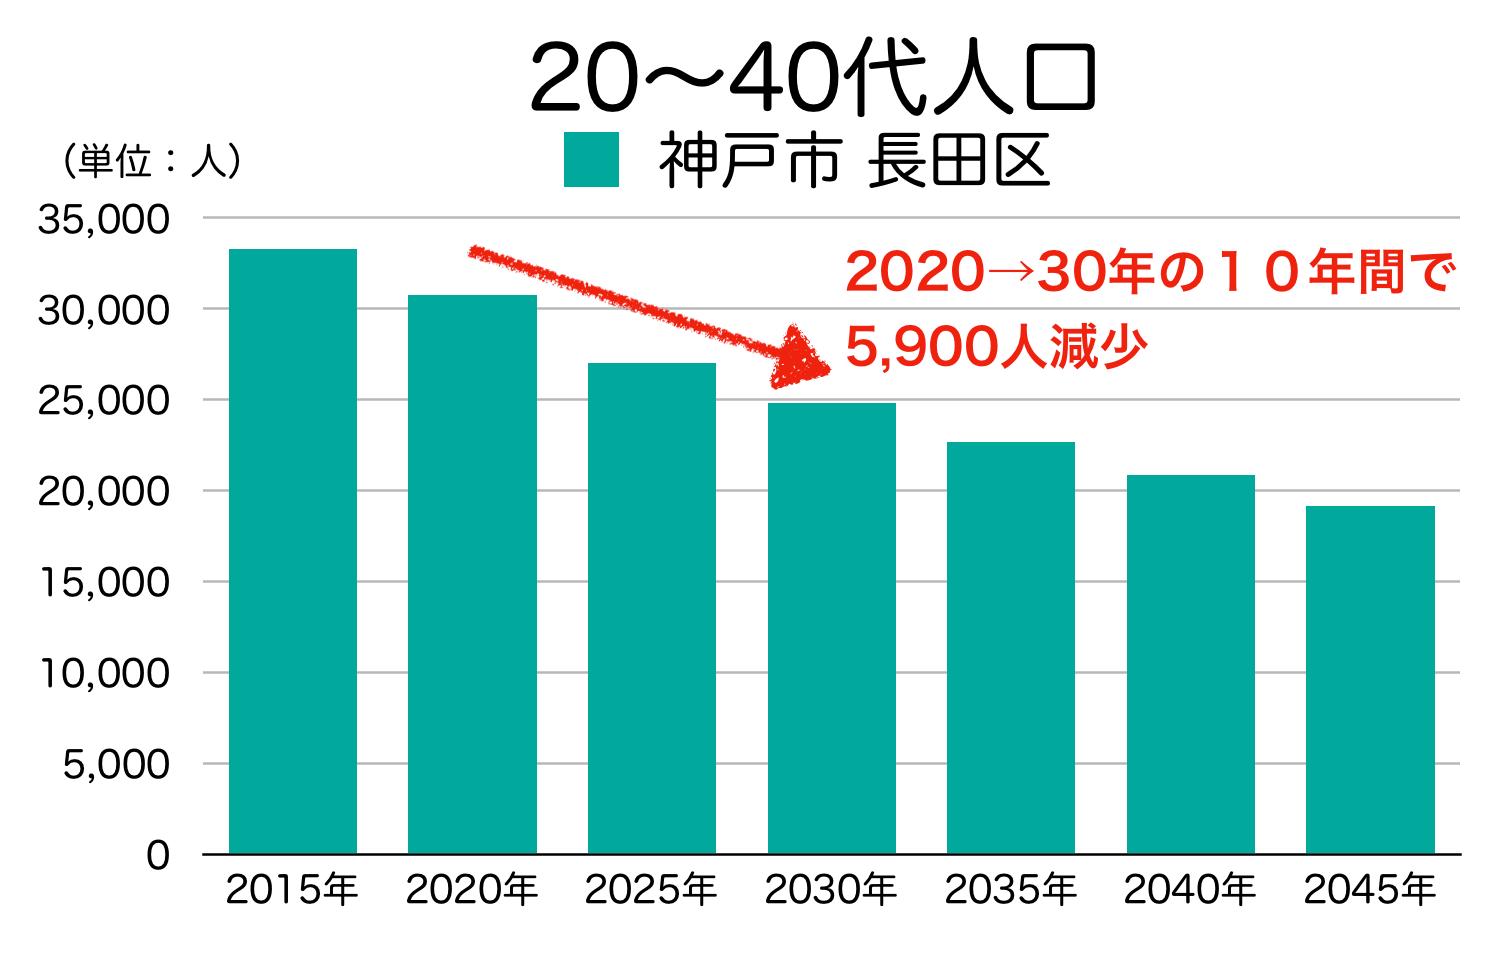 神戸市長田区の20〜40代人口の予測